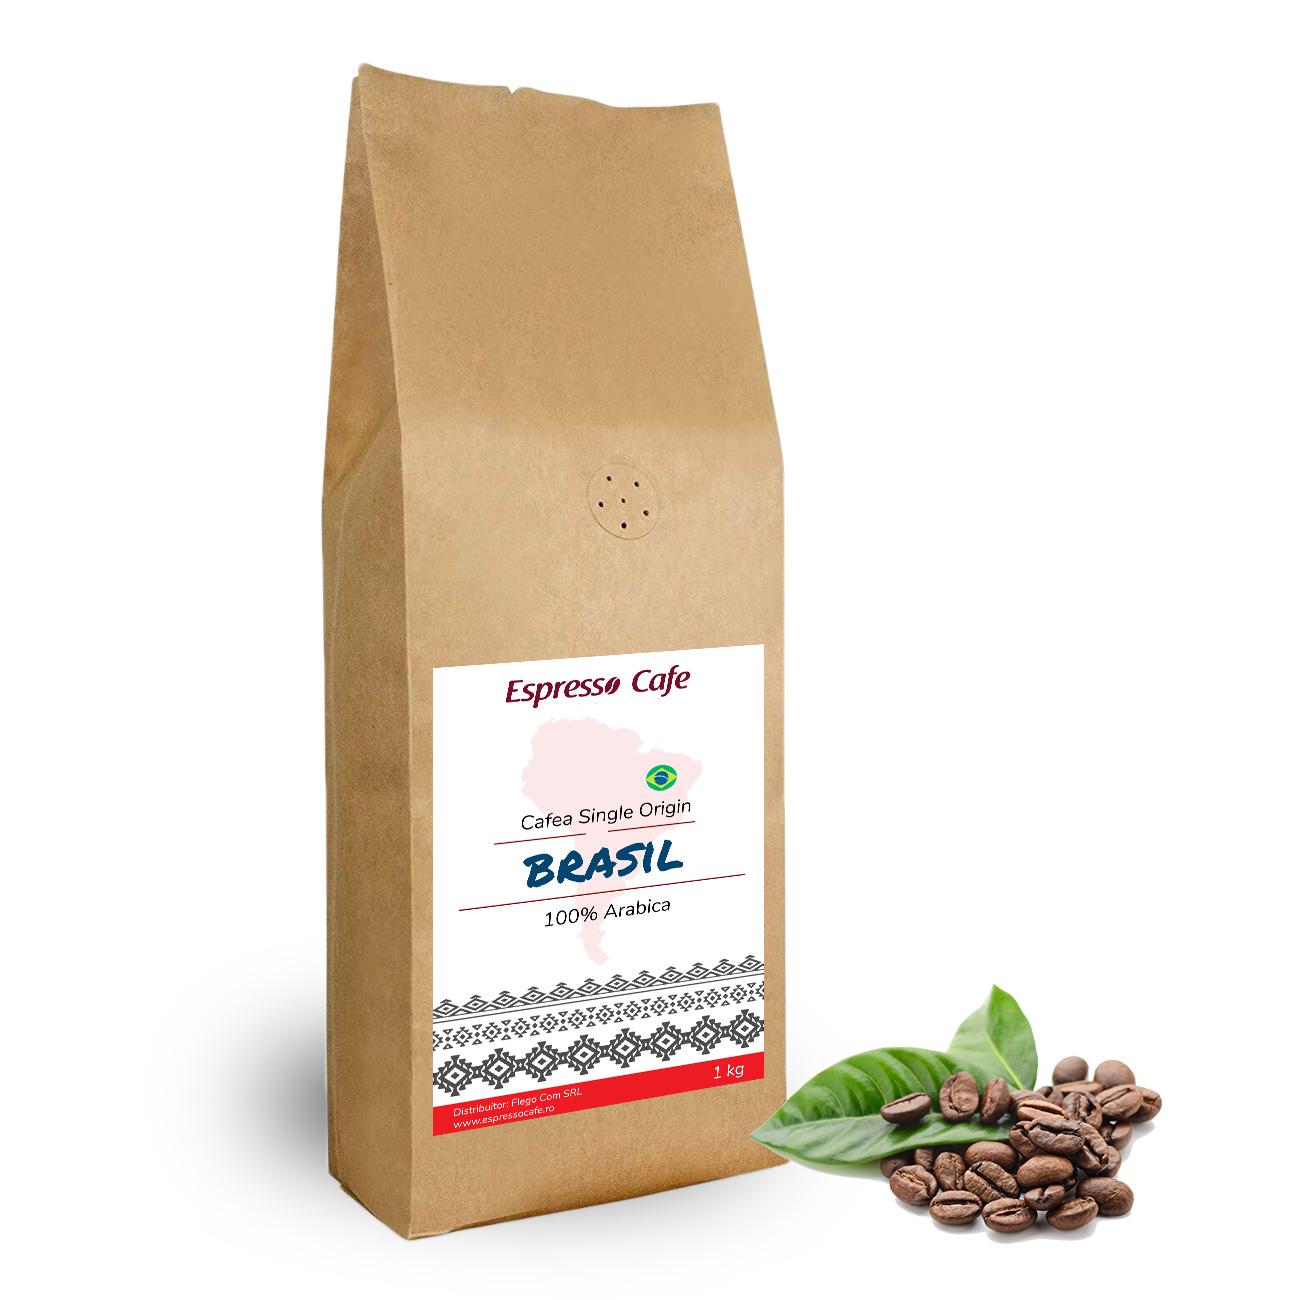 Brasil Cerrado cafea boabe de origine 1kg